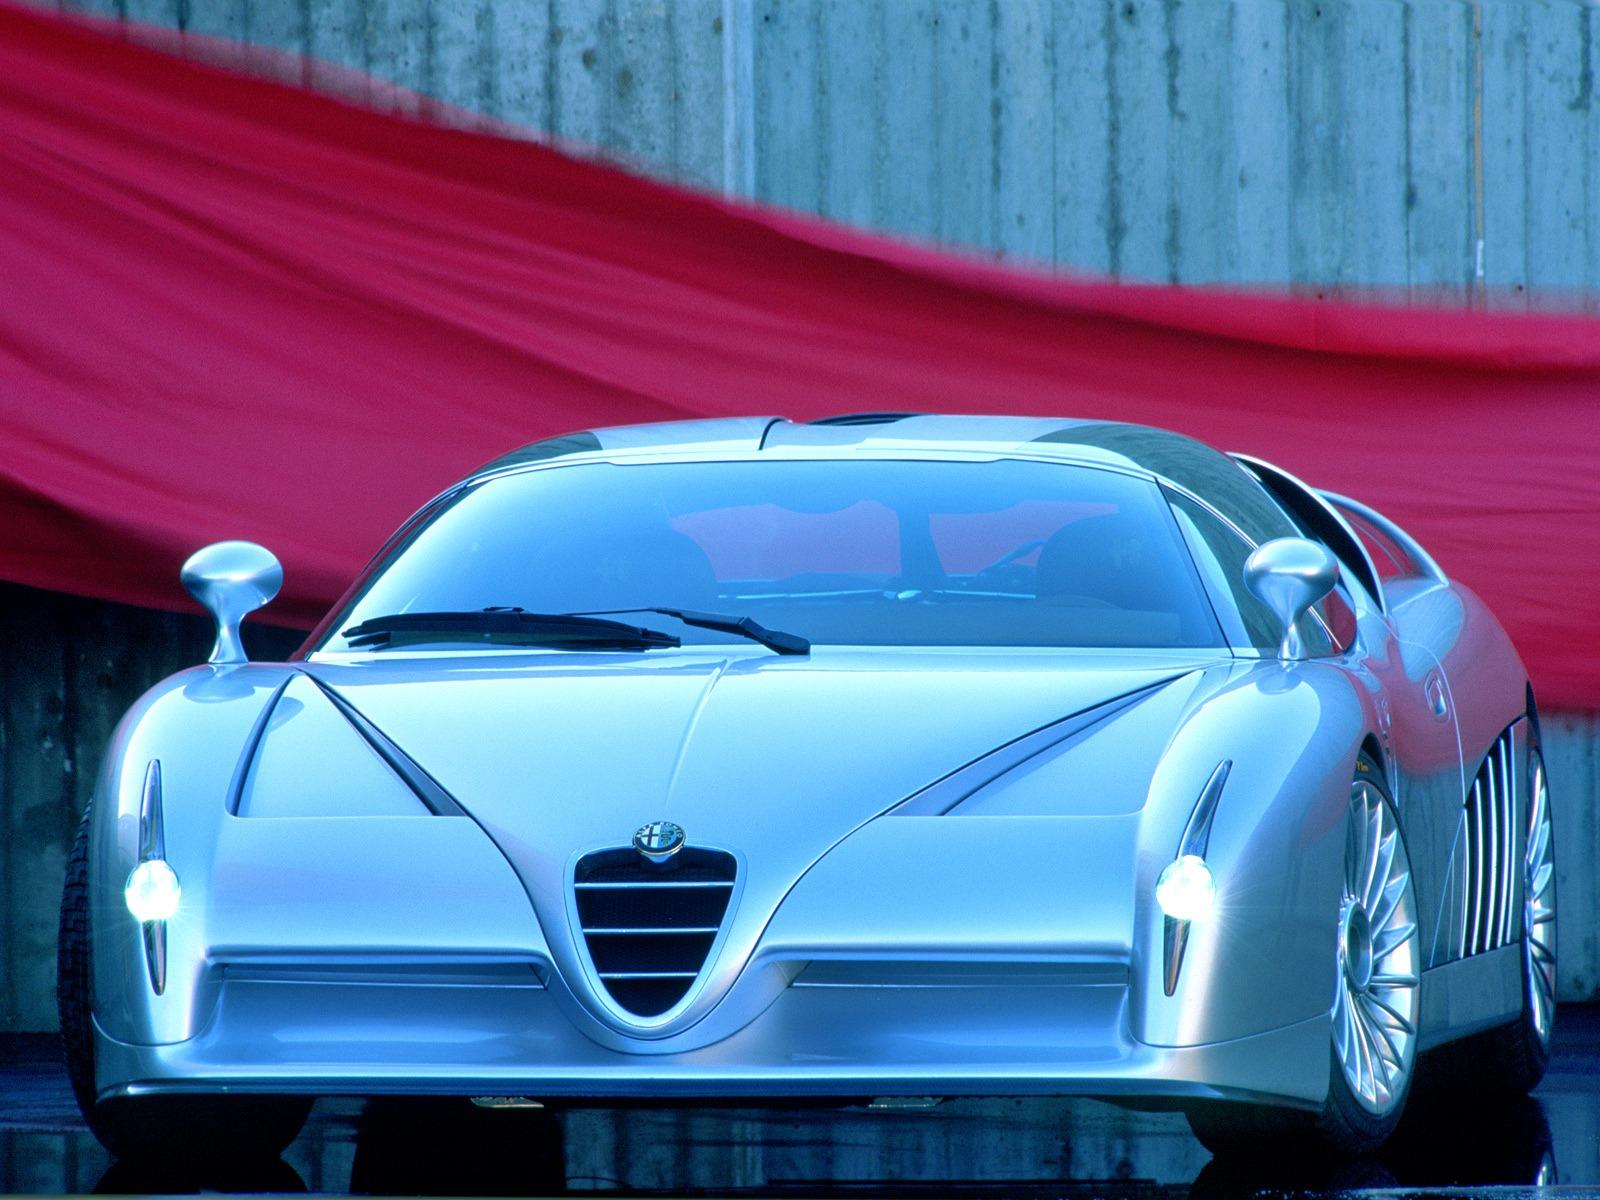 alfa romeo scighera 1997 � old concept cars